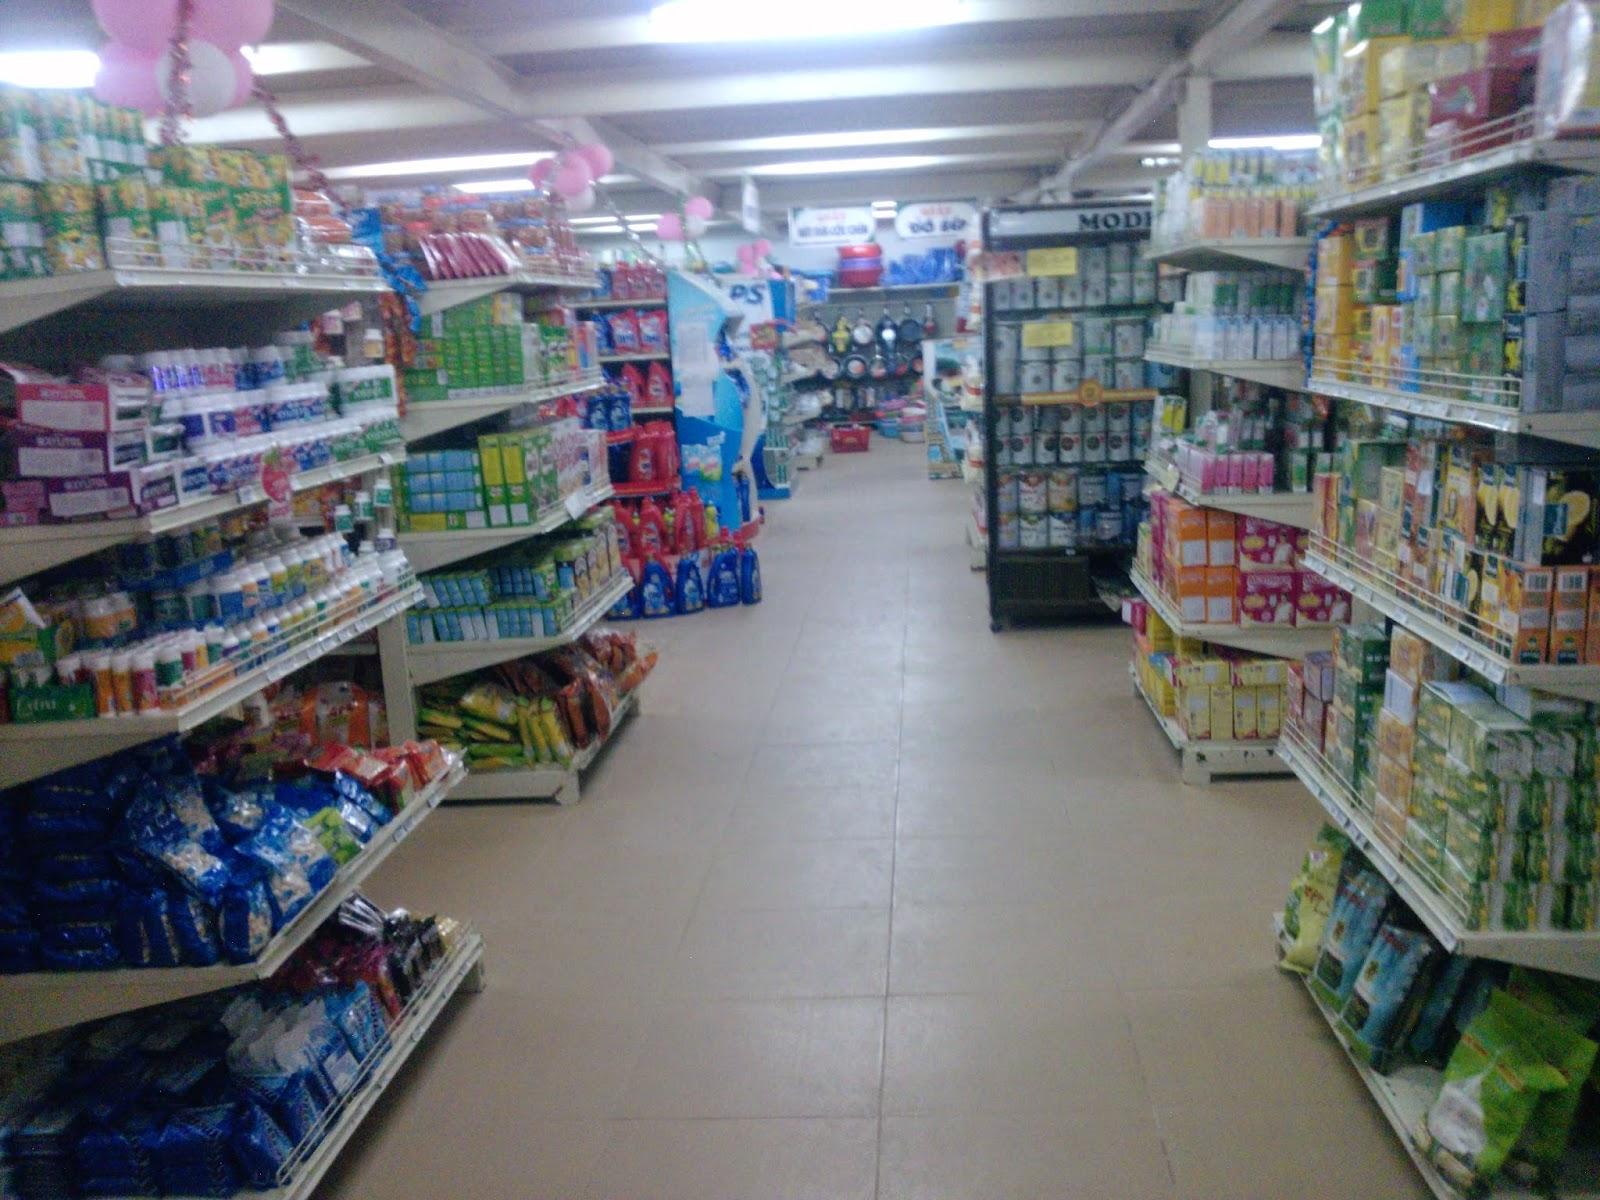 giá kệ bán hàng tại Hà Nội